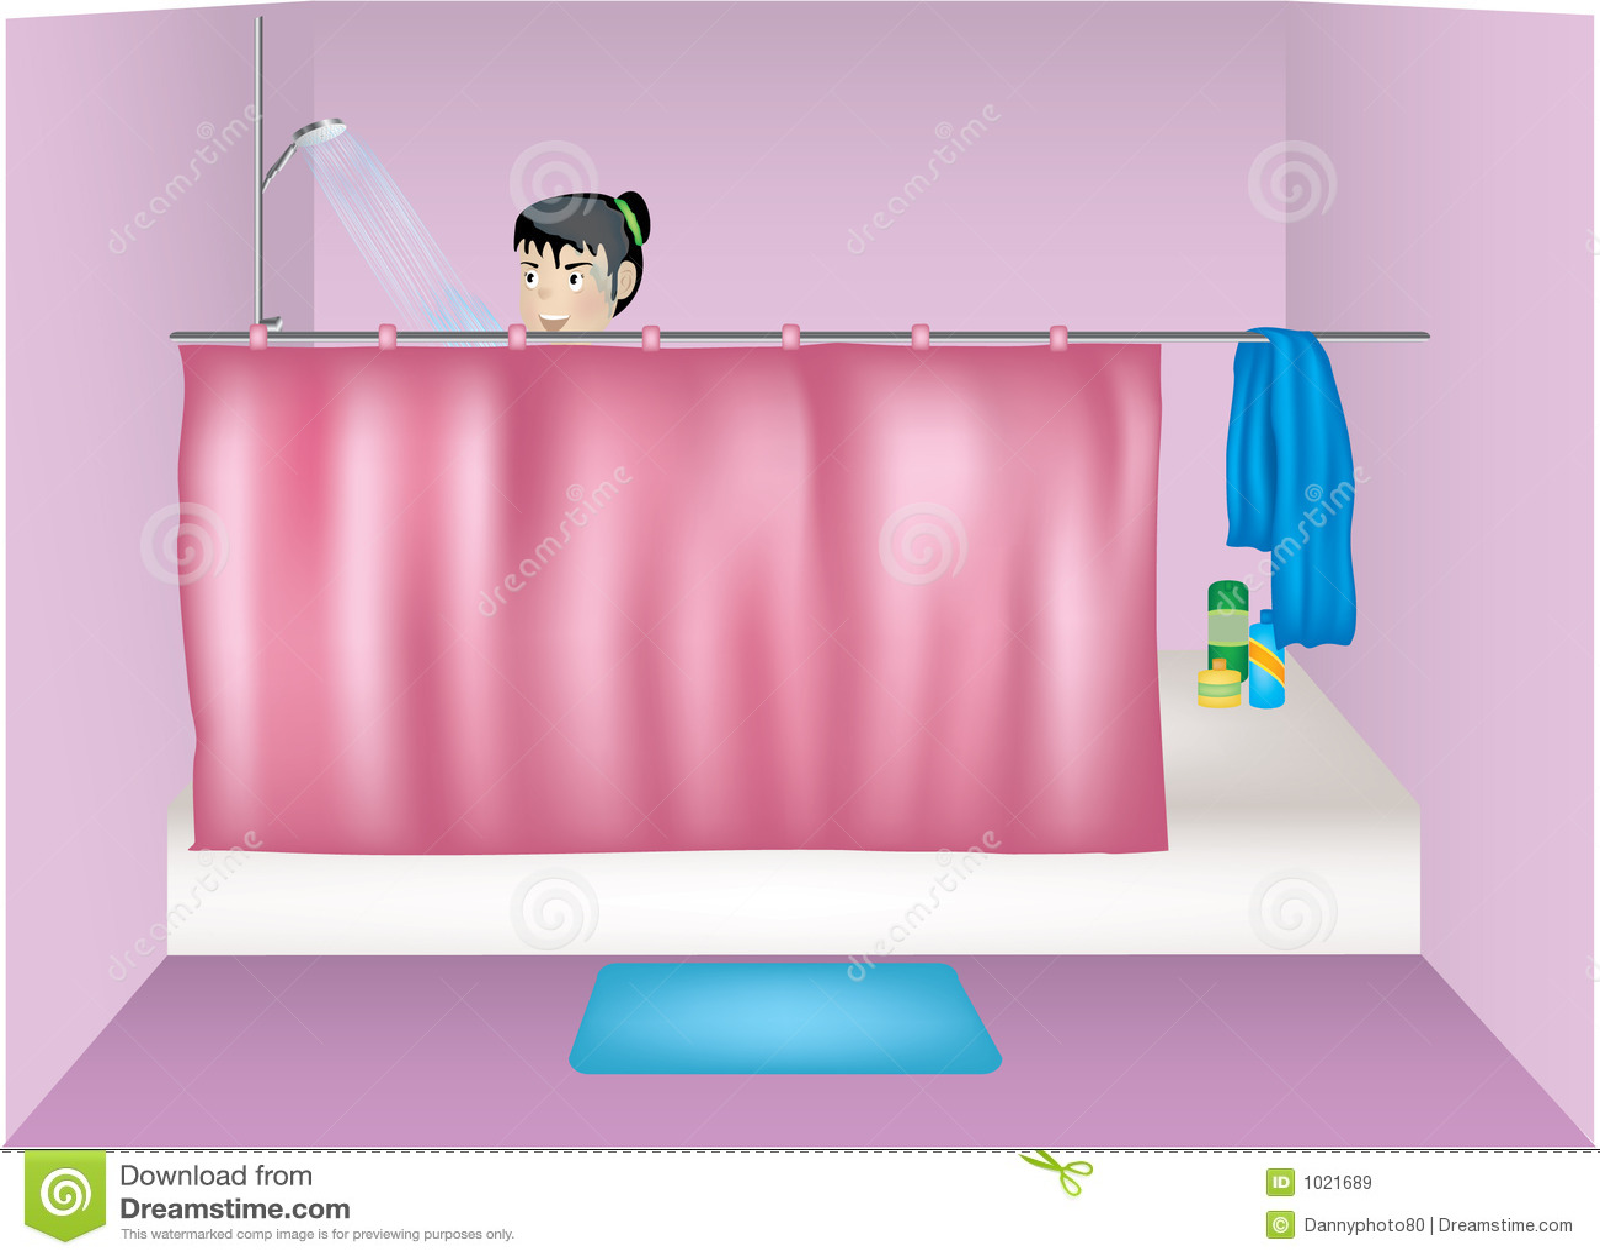 Tomar una ducha im genes de archivo libres de regal as - Hacer una mampara de ducha ...